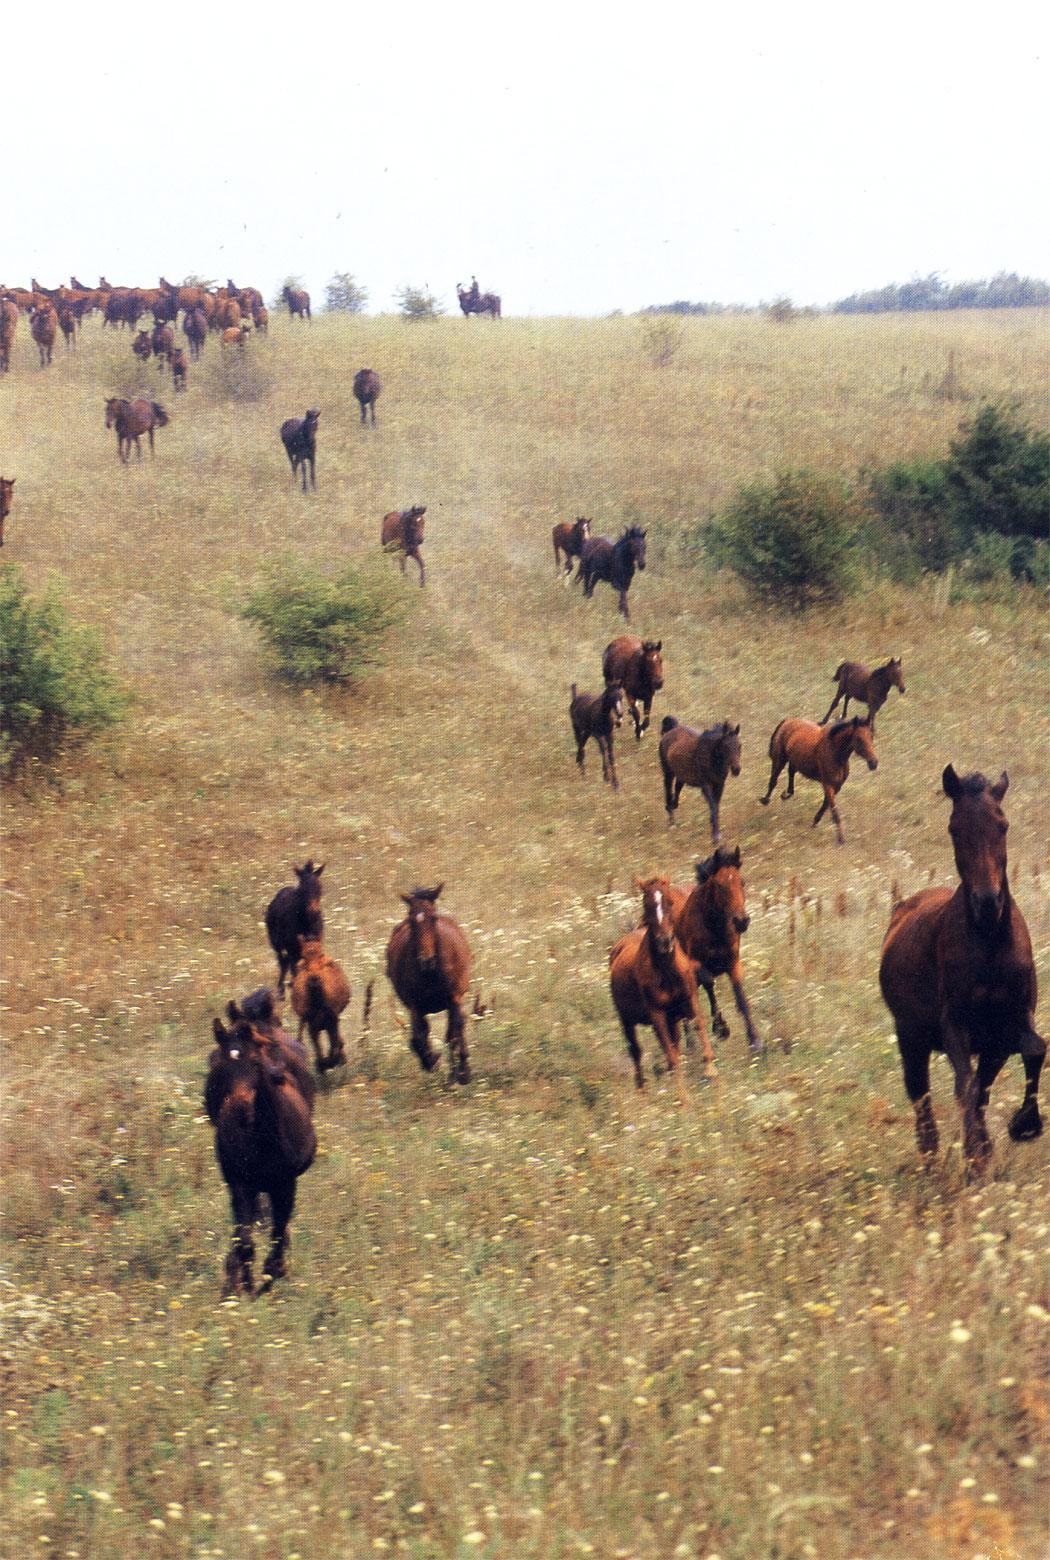 На лошадях украинской породной группы советские спортсмены неоднократно побеждали в крупнейших международных соревнованиях, включая Олимпийские игры. В движении на пастбище с первых дней жизни закаляется здоровье, крепнет мускулатура, развиваются легкие и сердце. Все  это - ценные качества хорошей спортивной лошади